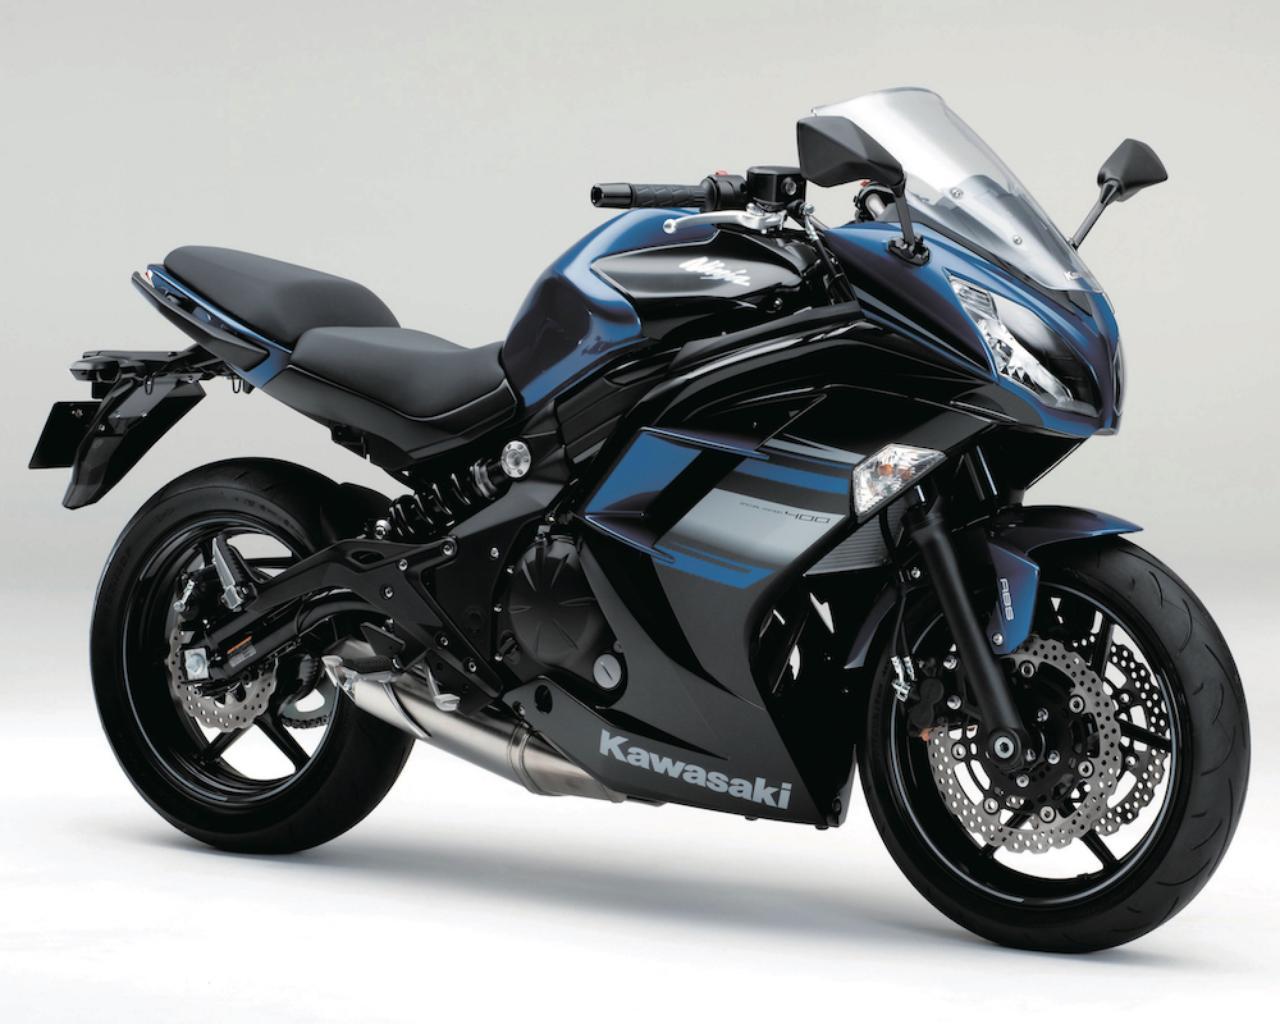 画像: K016 KAWASAKI NINJA400/SE ■価格:66万8520円/74万880円 (ABS SE) 輸出モデルのニンジャ650をベースに、開発された国内向け400cc版。スチール製ダブルぺリメターフレームやサスペンションなど基本構成はNinja650譲り。SEはABSを装備し、専用のカラーリングを採用した上級モデル。